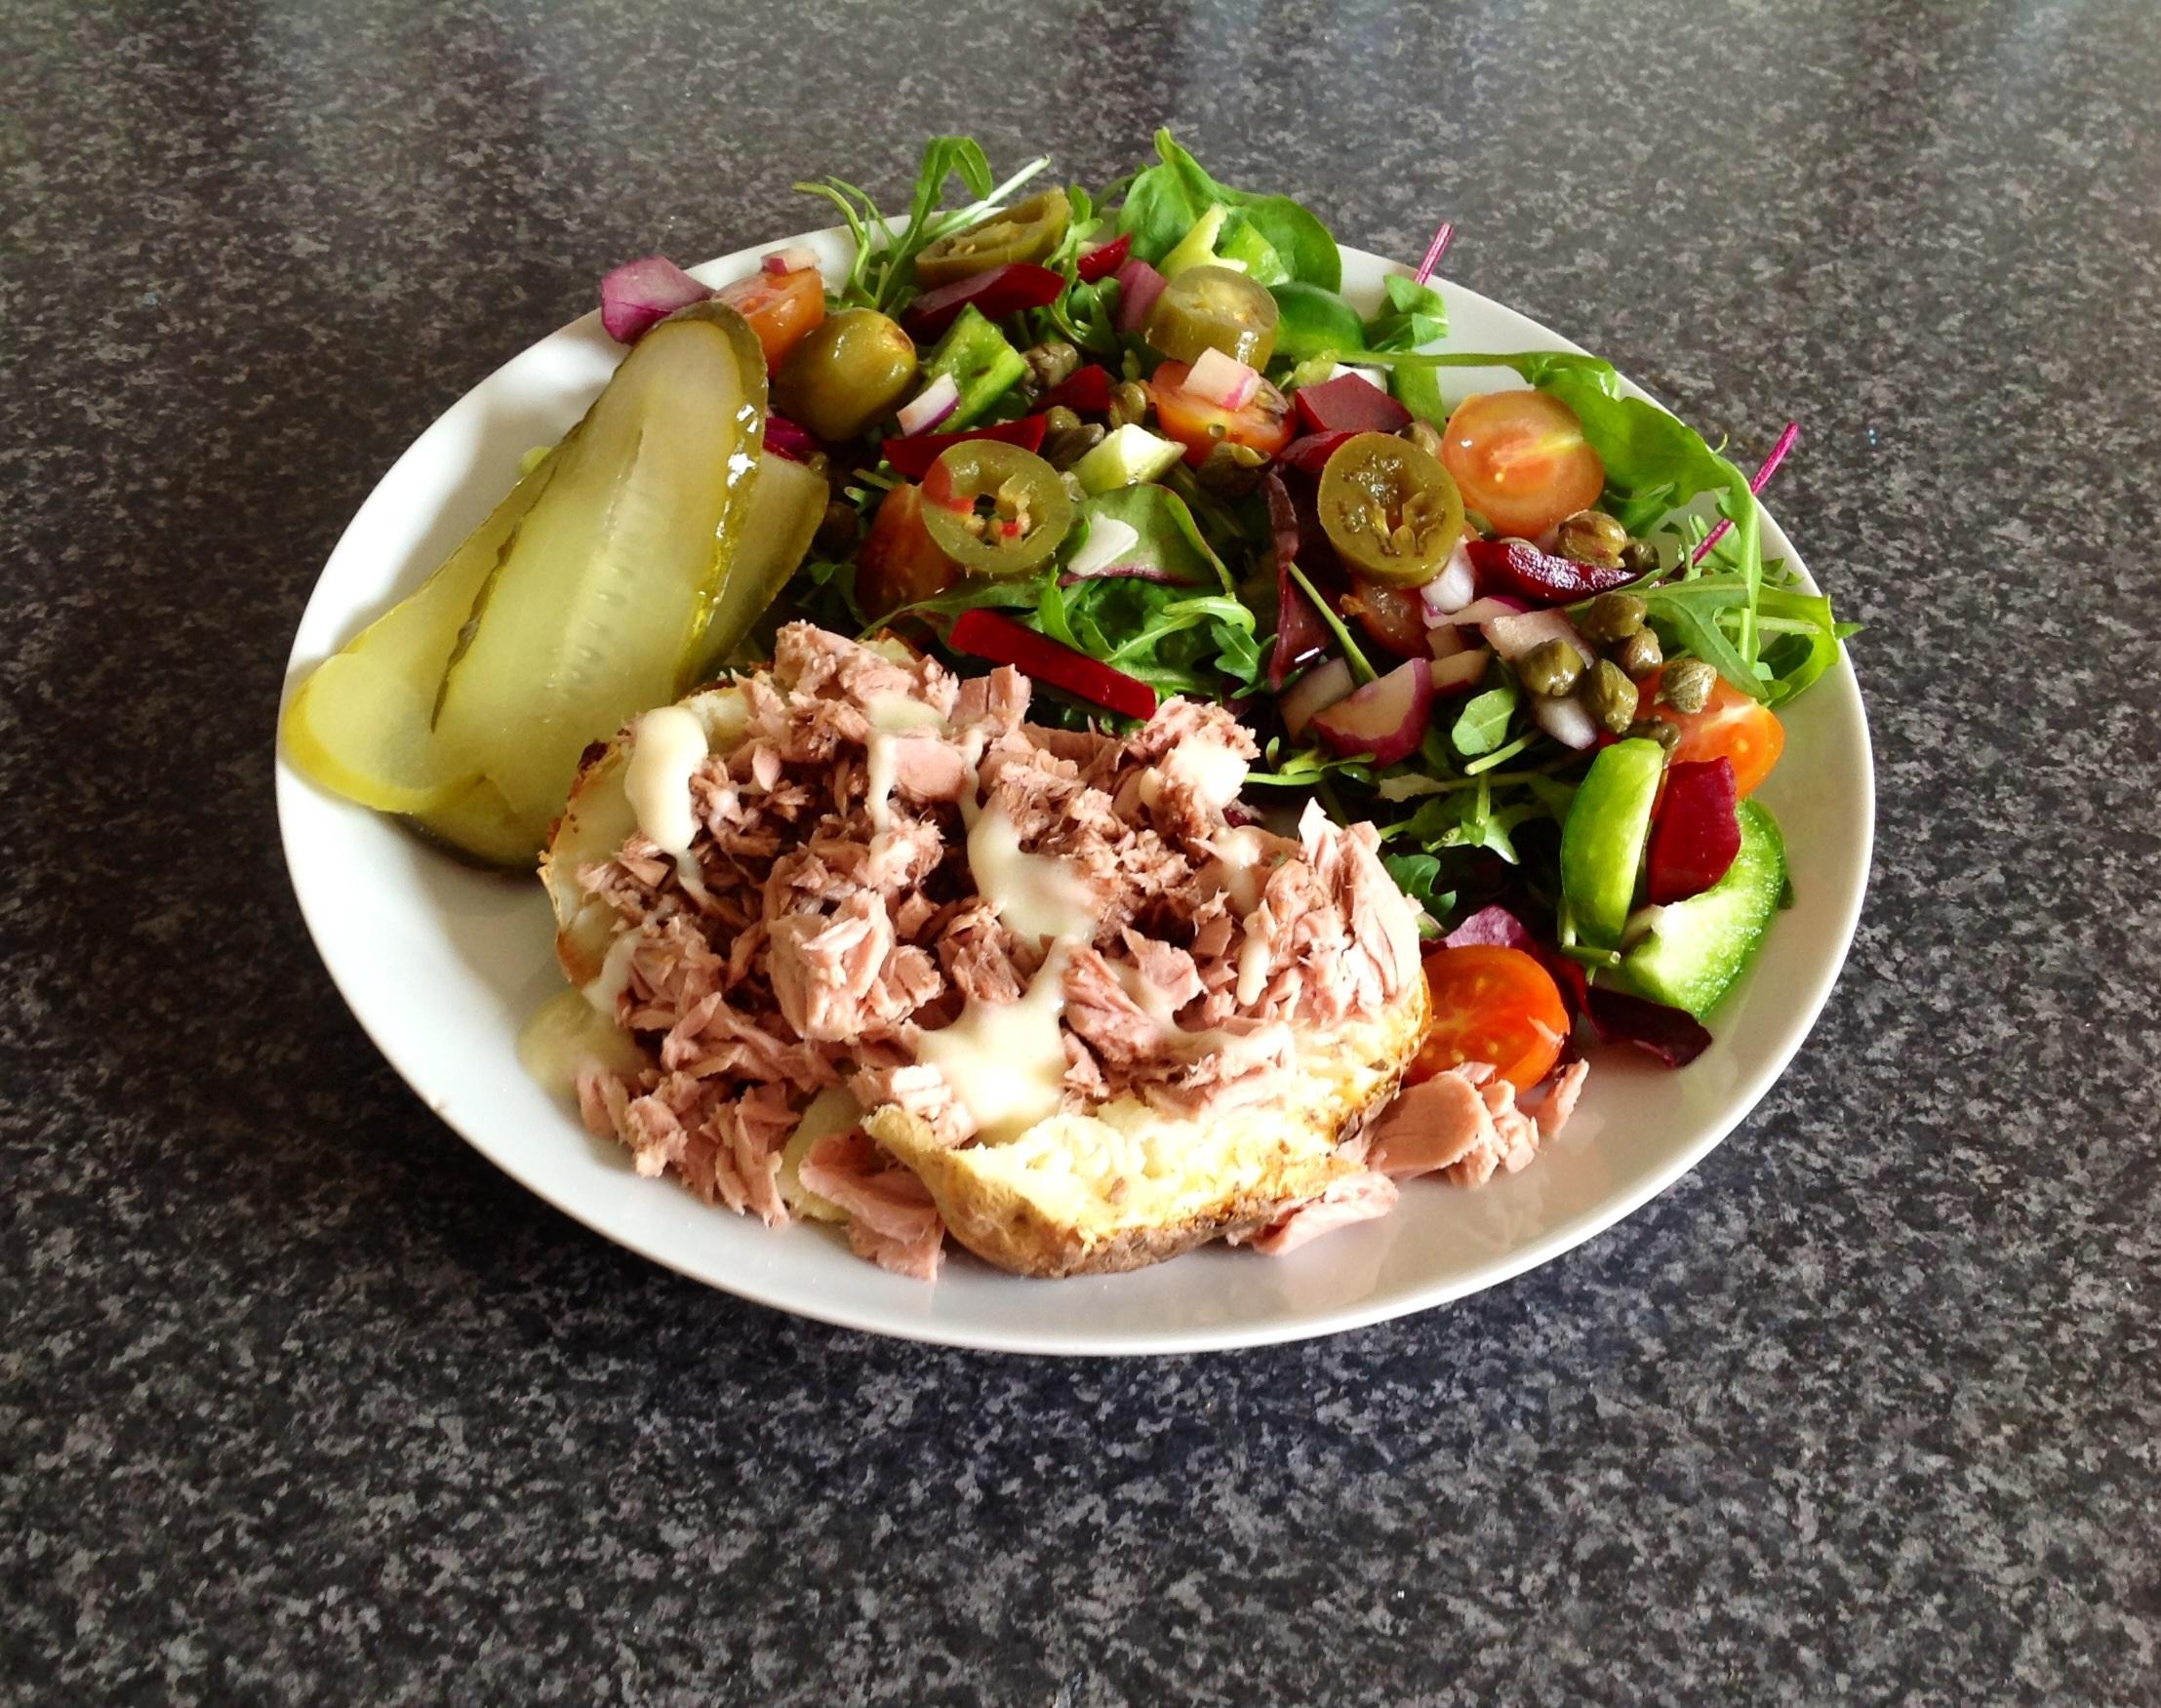 Jacket potato, tuna and salad